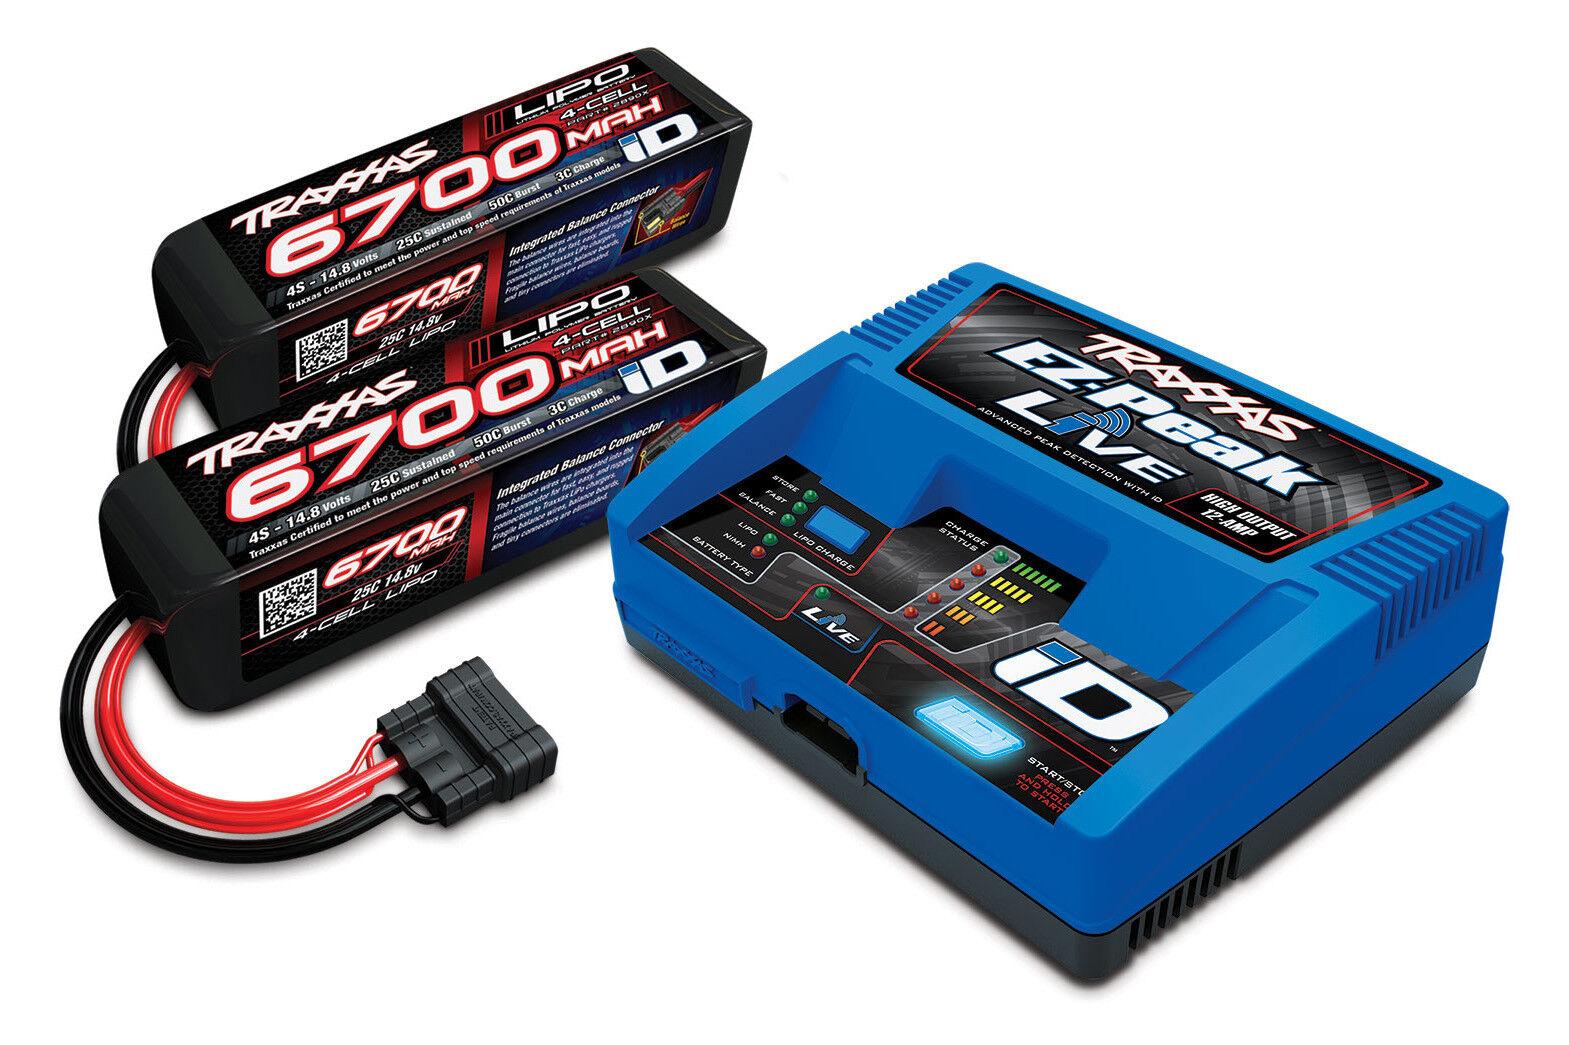 (Combo) Traxxas 2993 4s Batería 100w Cargador Combo 2x 2890x + 1x 2971